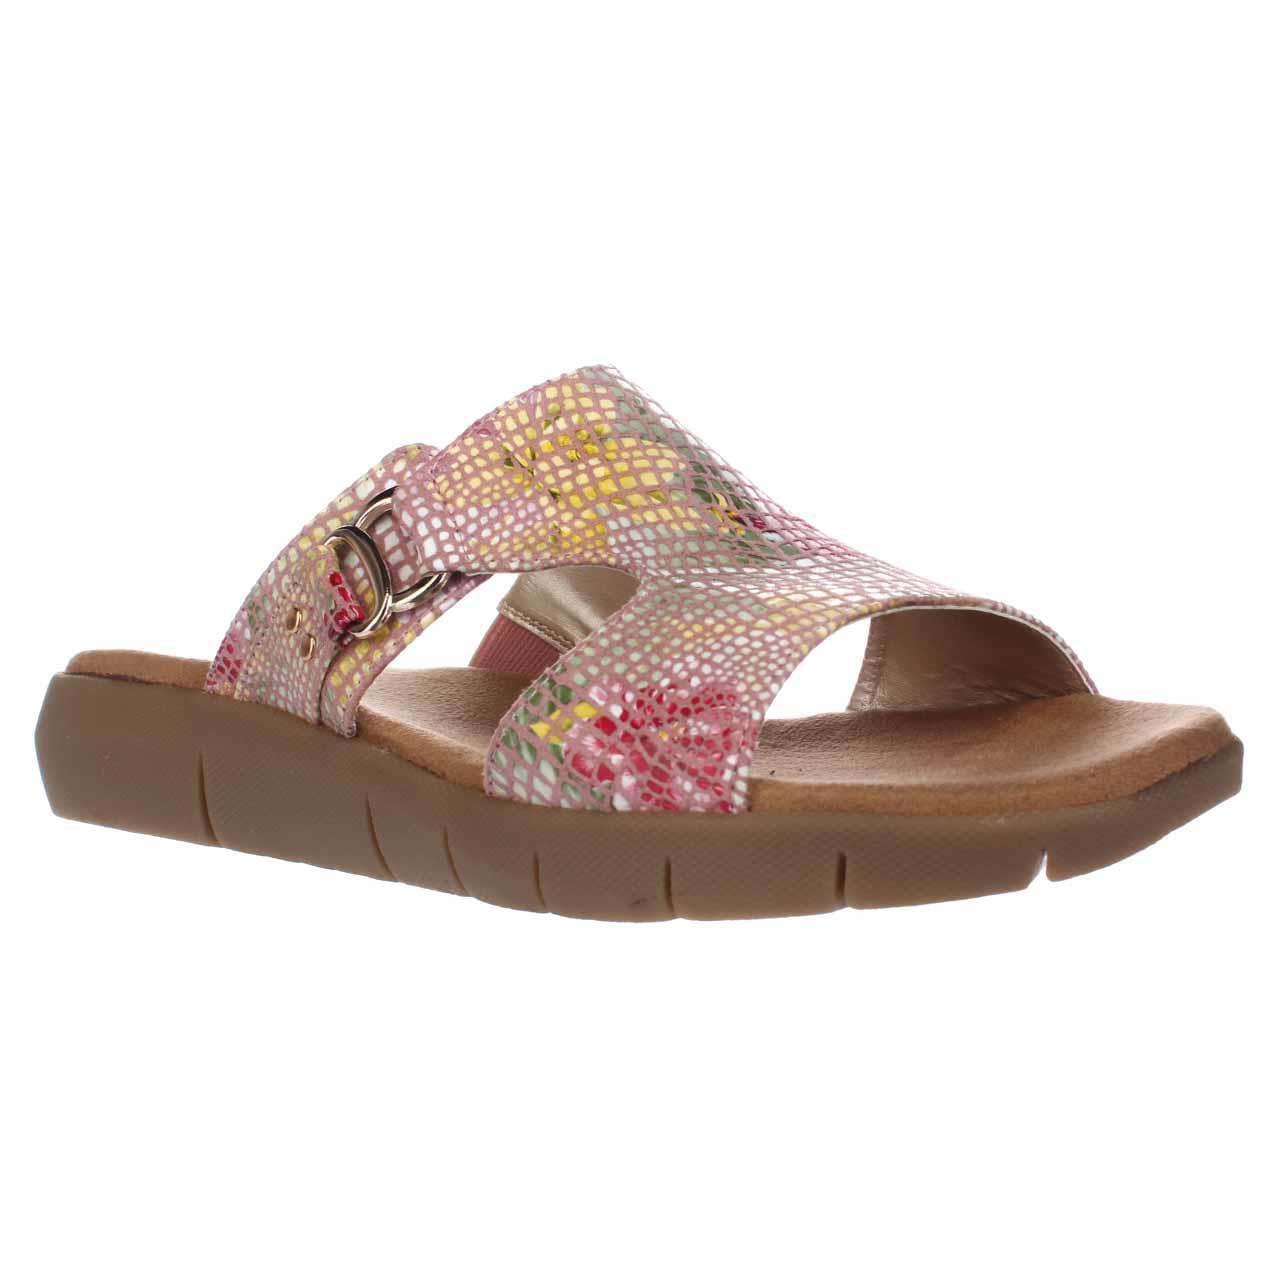 Womens Aerosoles New Wip Fisherman Slide Sandals Pink Floral by Aerosoles